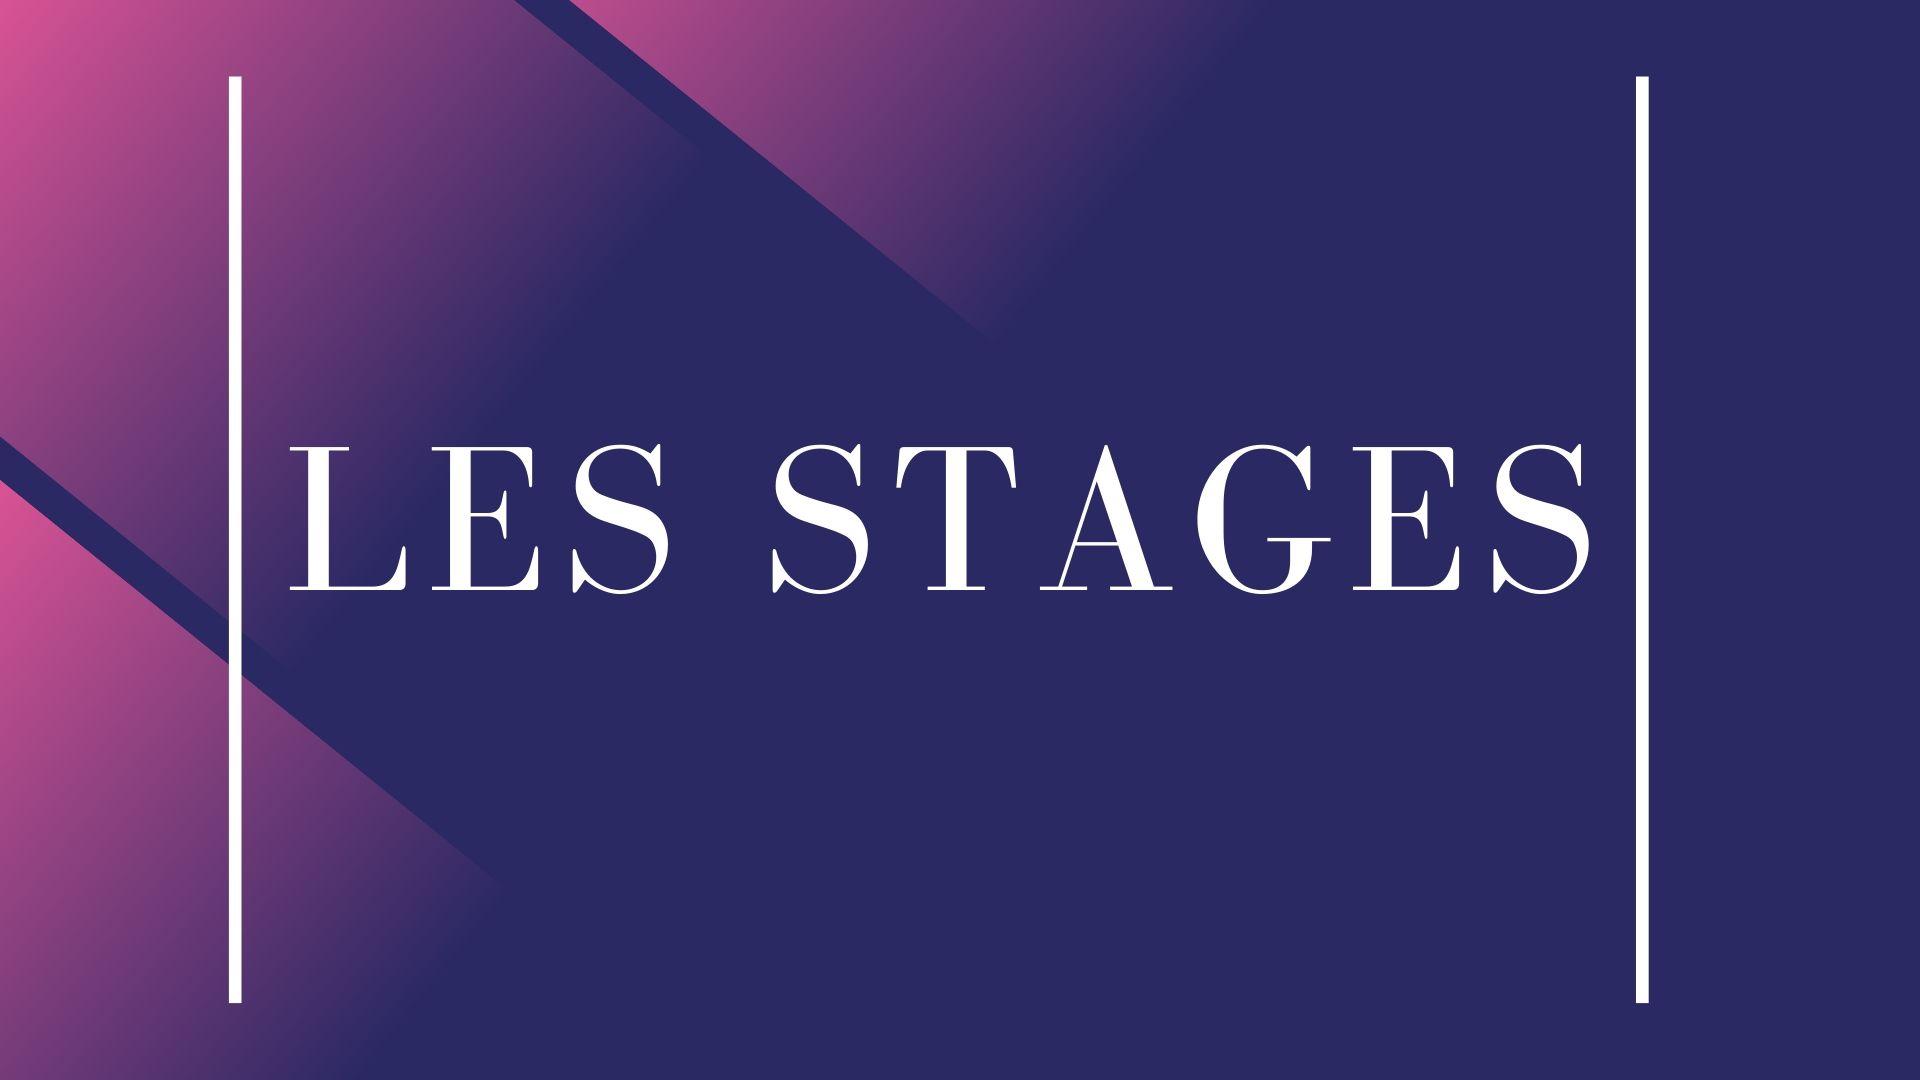 Les différents stages que nous vous proposons.